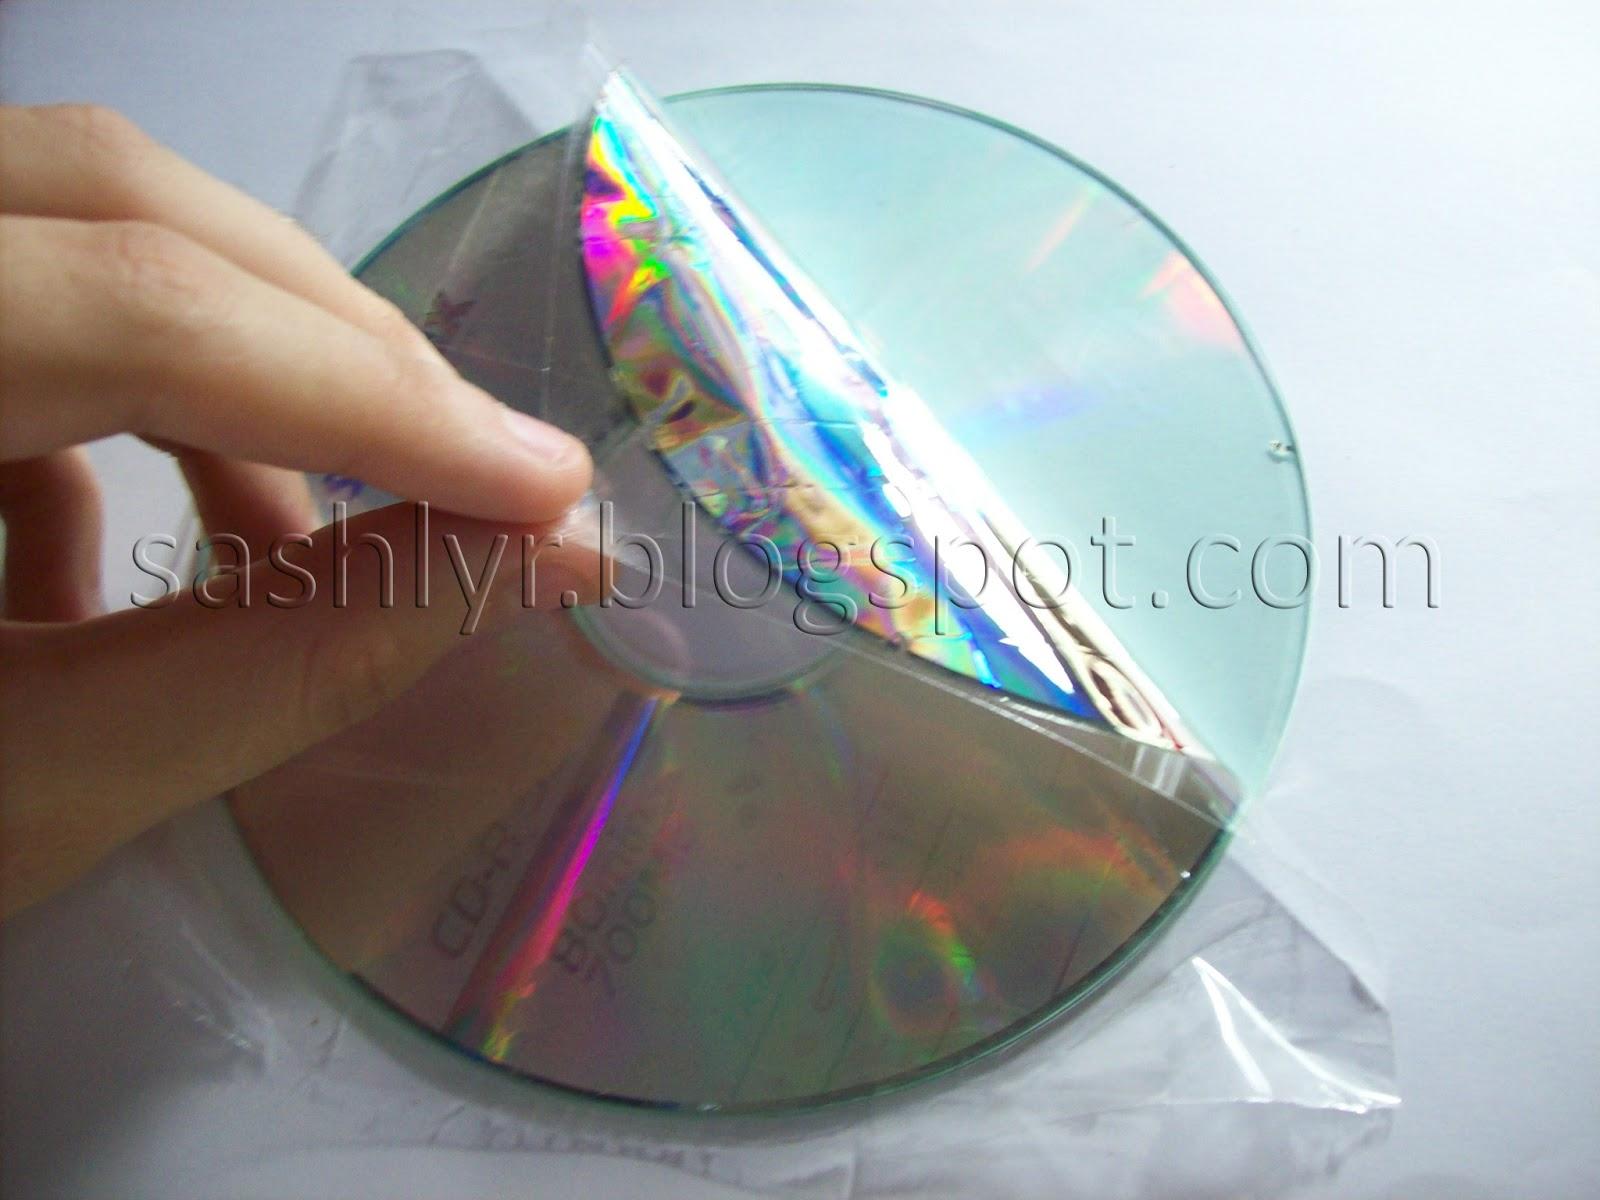 Sashlyr arte y decoraci n tutorial como reciclar cd 39 s for Cd reciclados decoracion